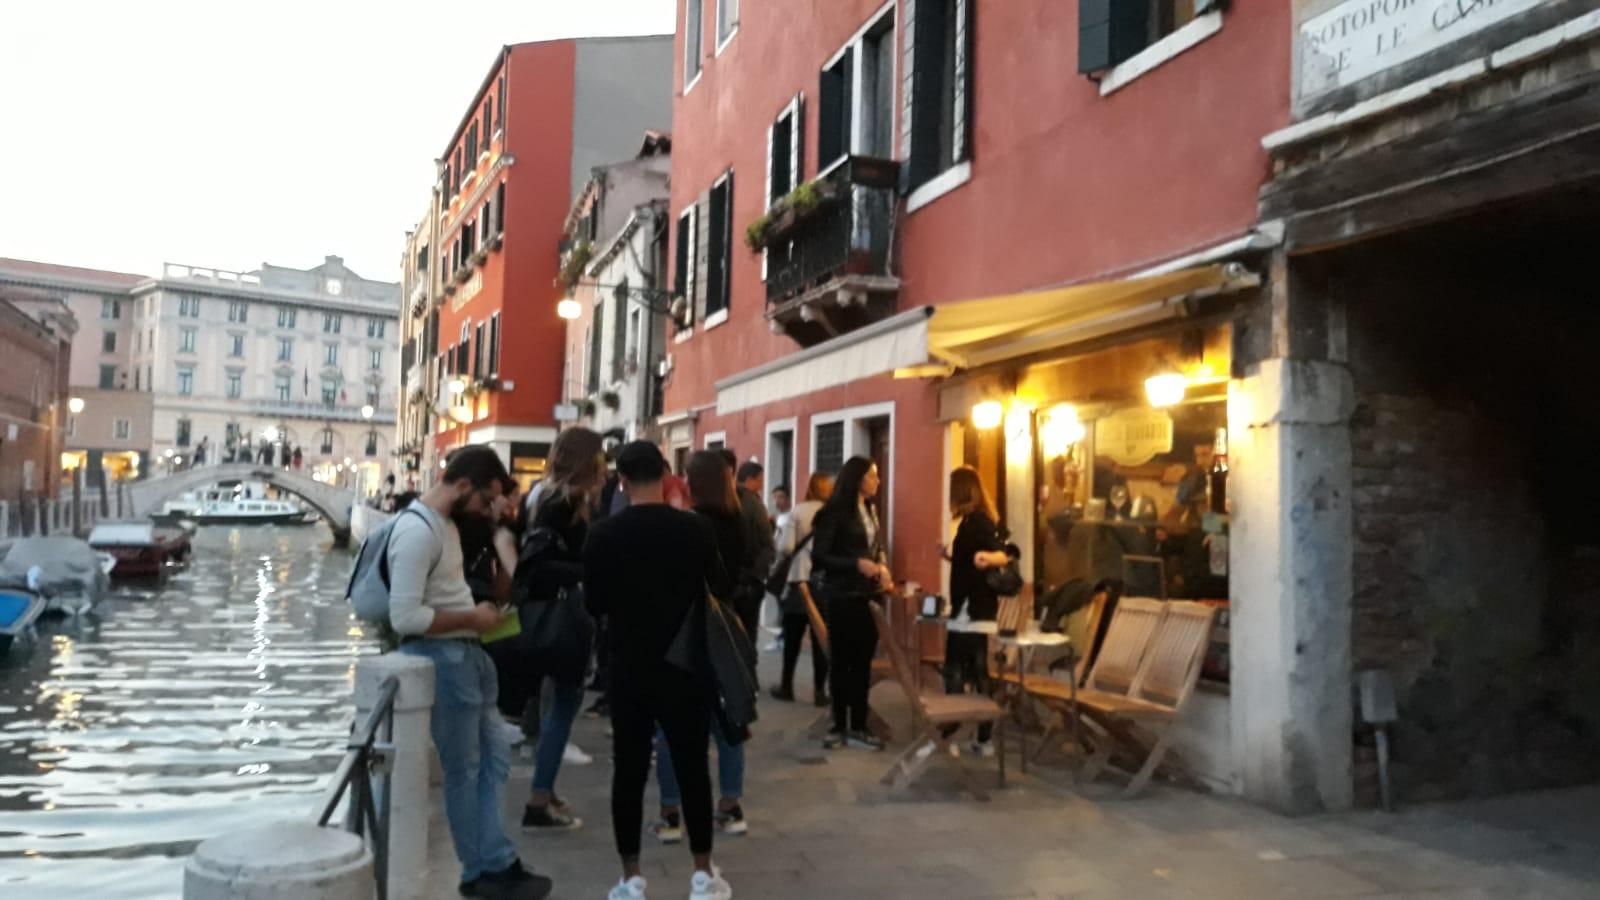 """Food, L'ITALIA DA GUSTARE. Il """"giro dei bacari"""" nella splendida, romantica Venezia nei giorni della Biennale"""